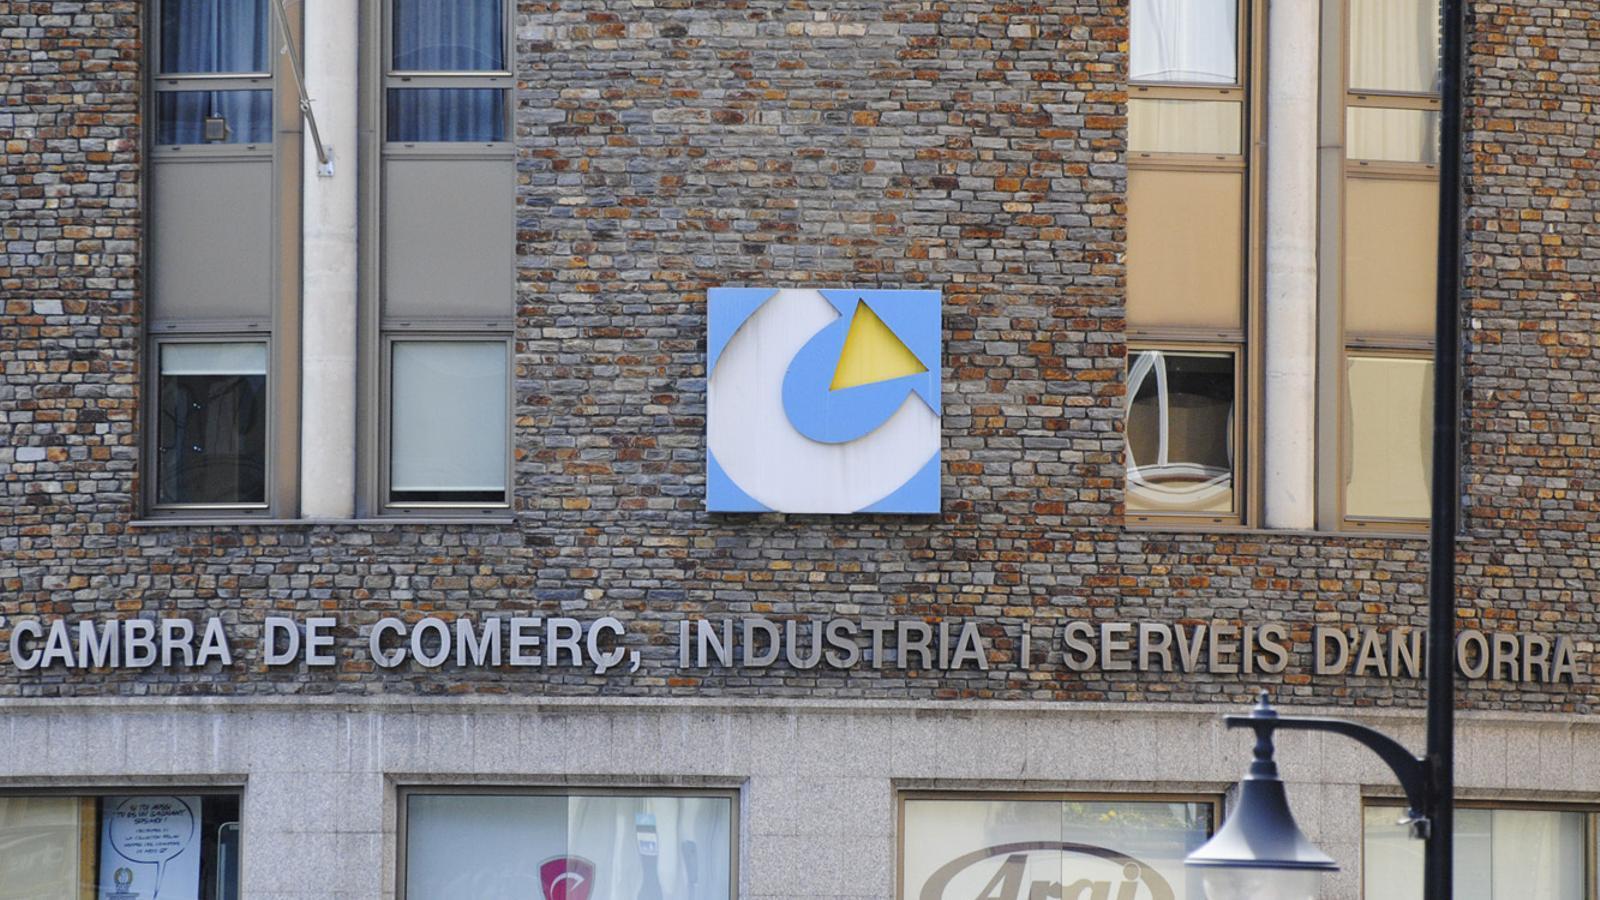 La Cambra de Comerç, Indústria i Serveis. / ARXIU ANA